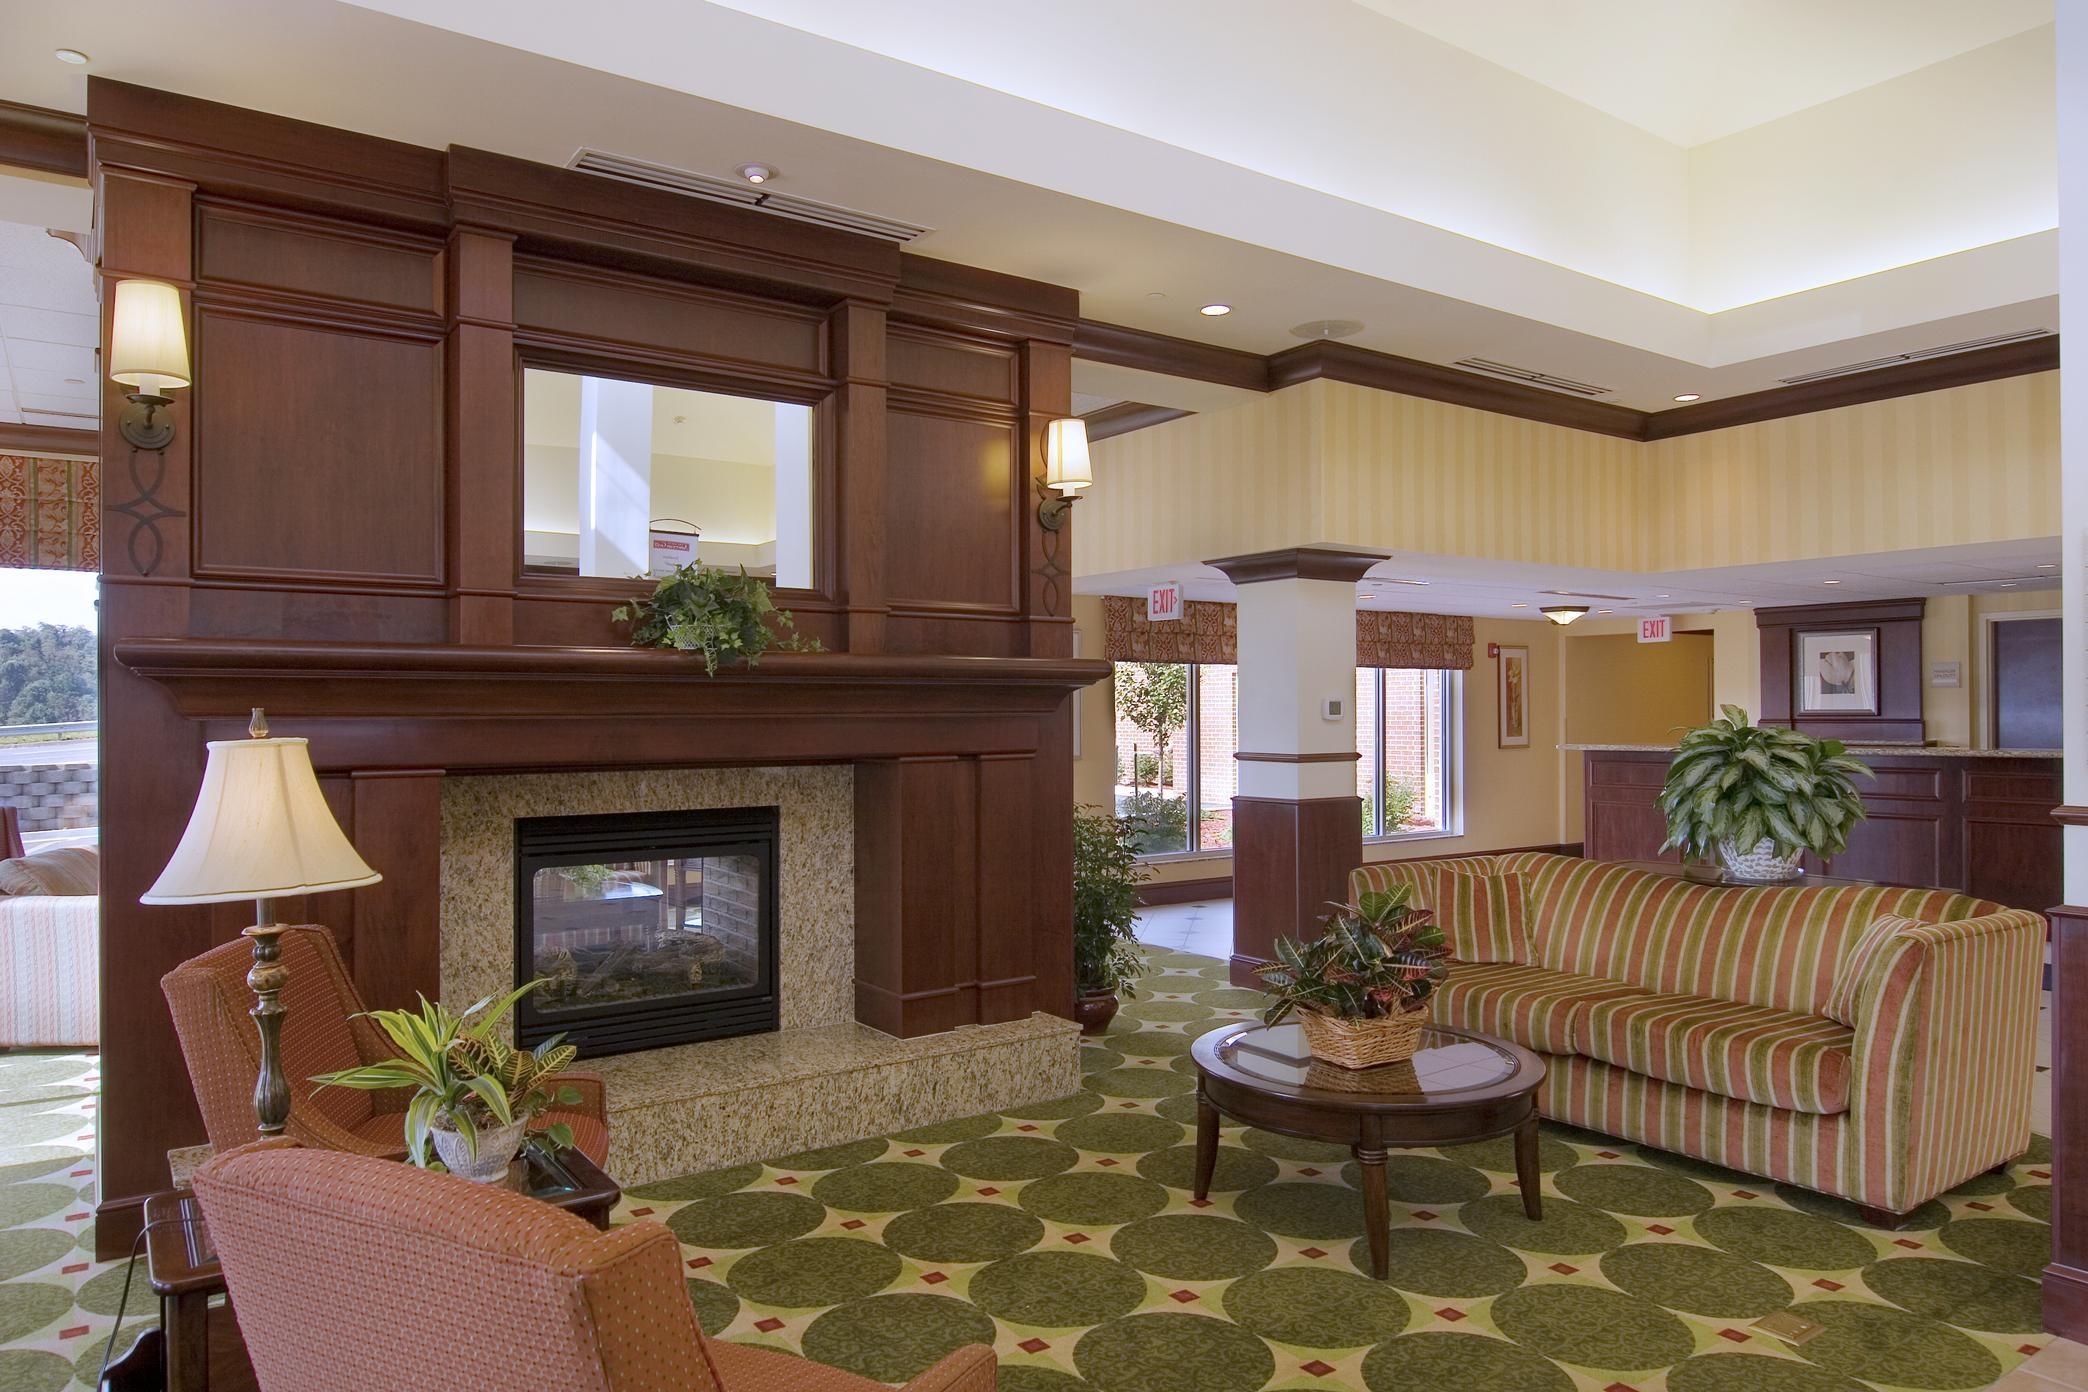 Hilton Garden Inn Clarksburg image 1